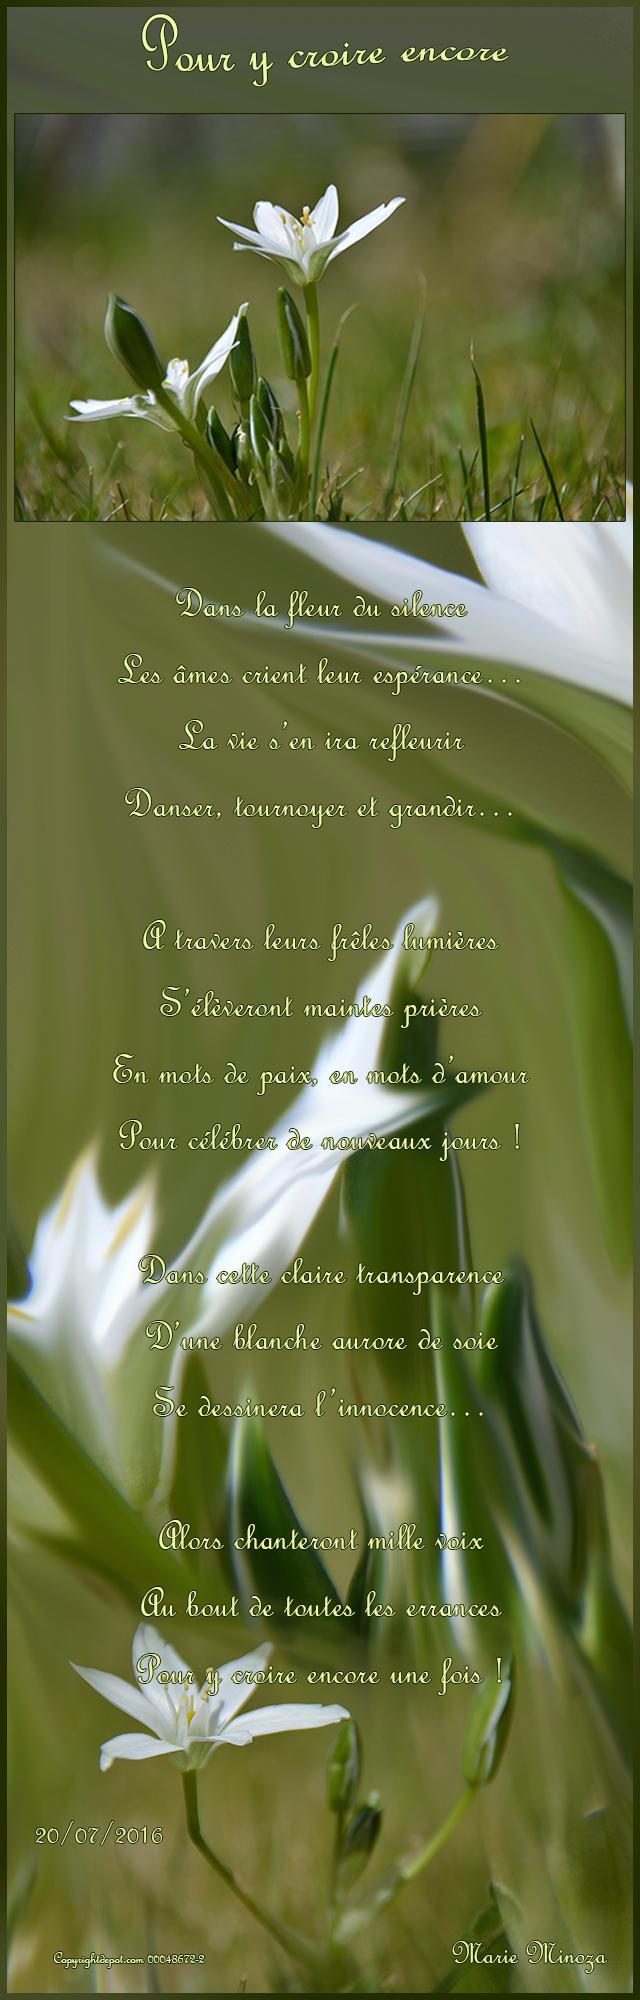 poeme y croire